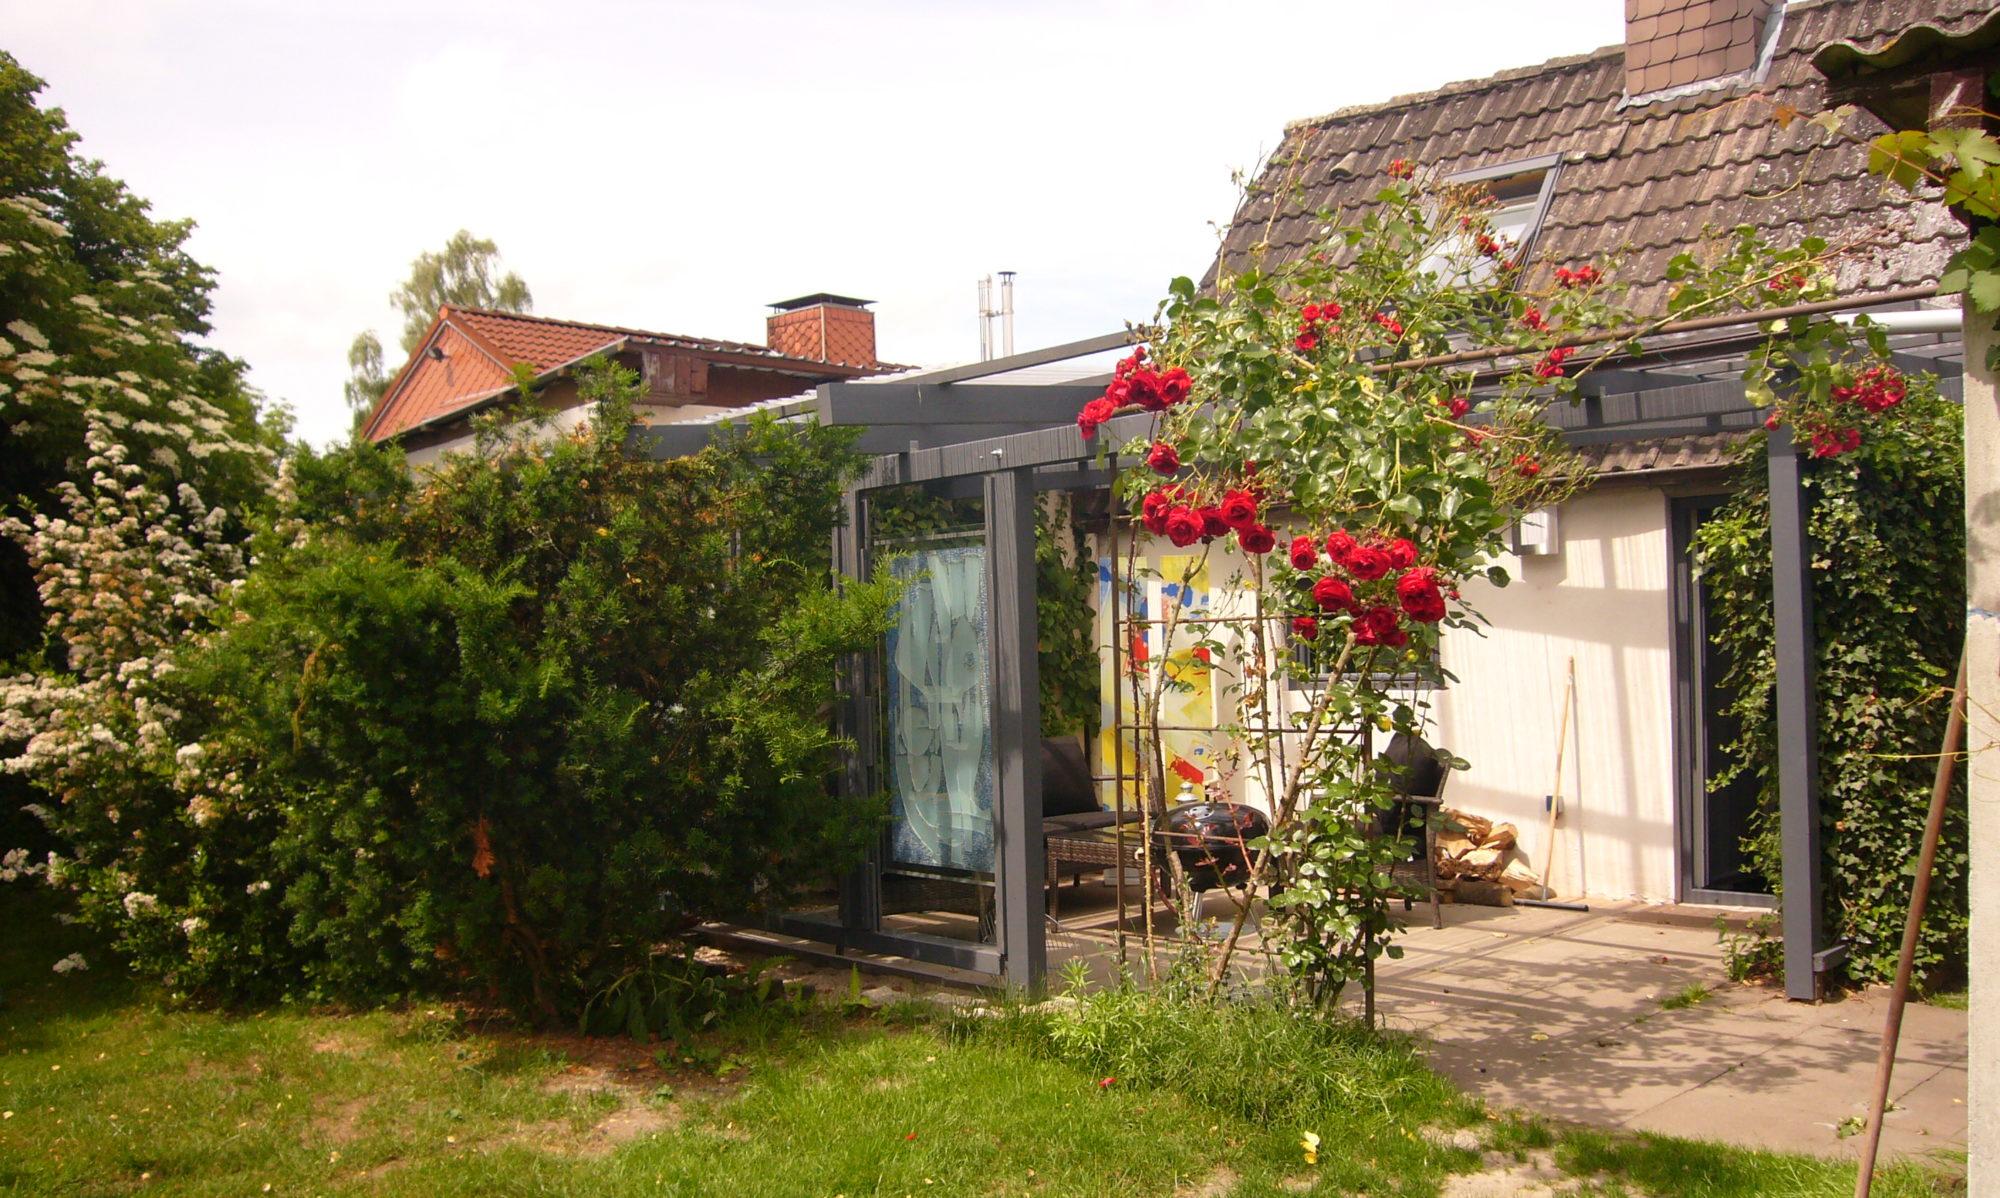 ferienhaus-wankendorf.de